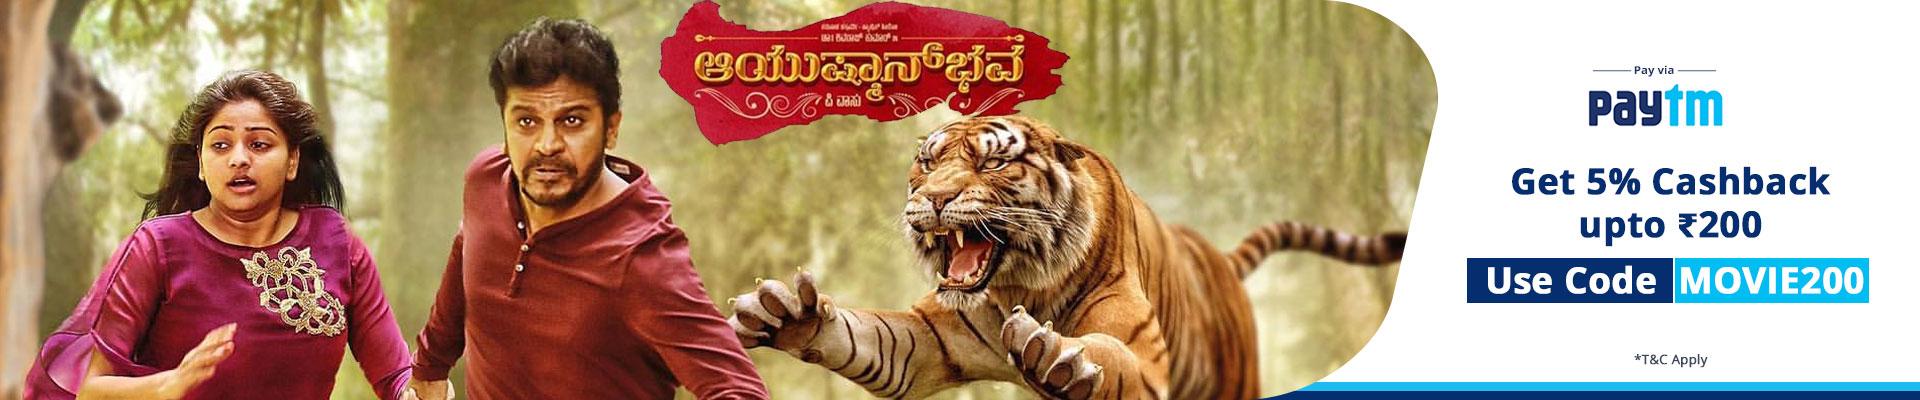 Aayushmanbhava